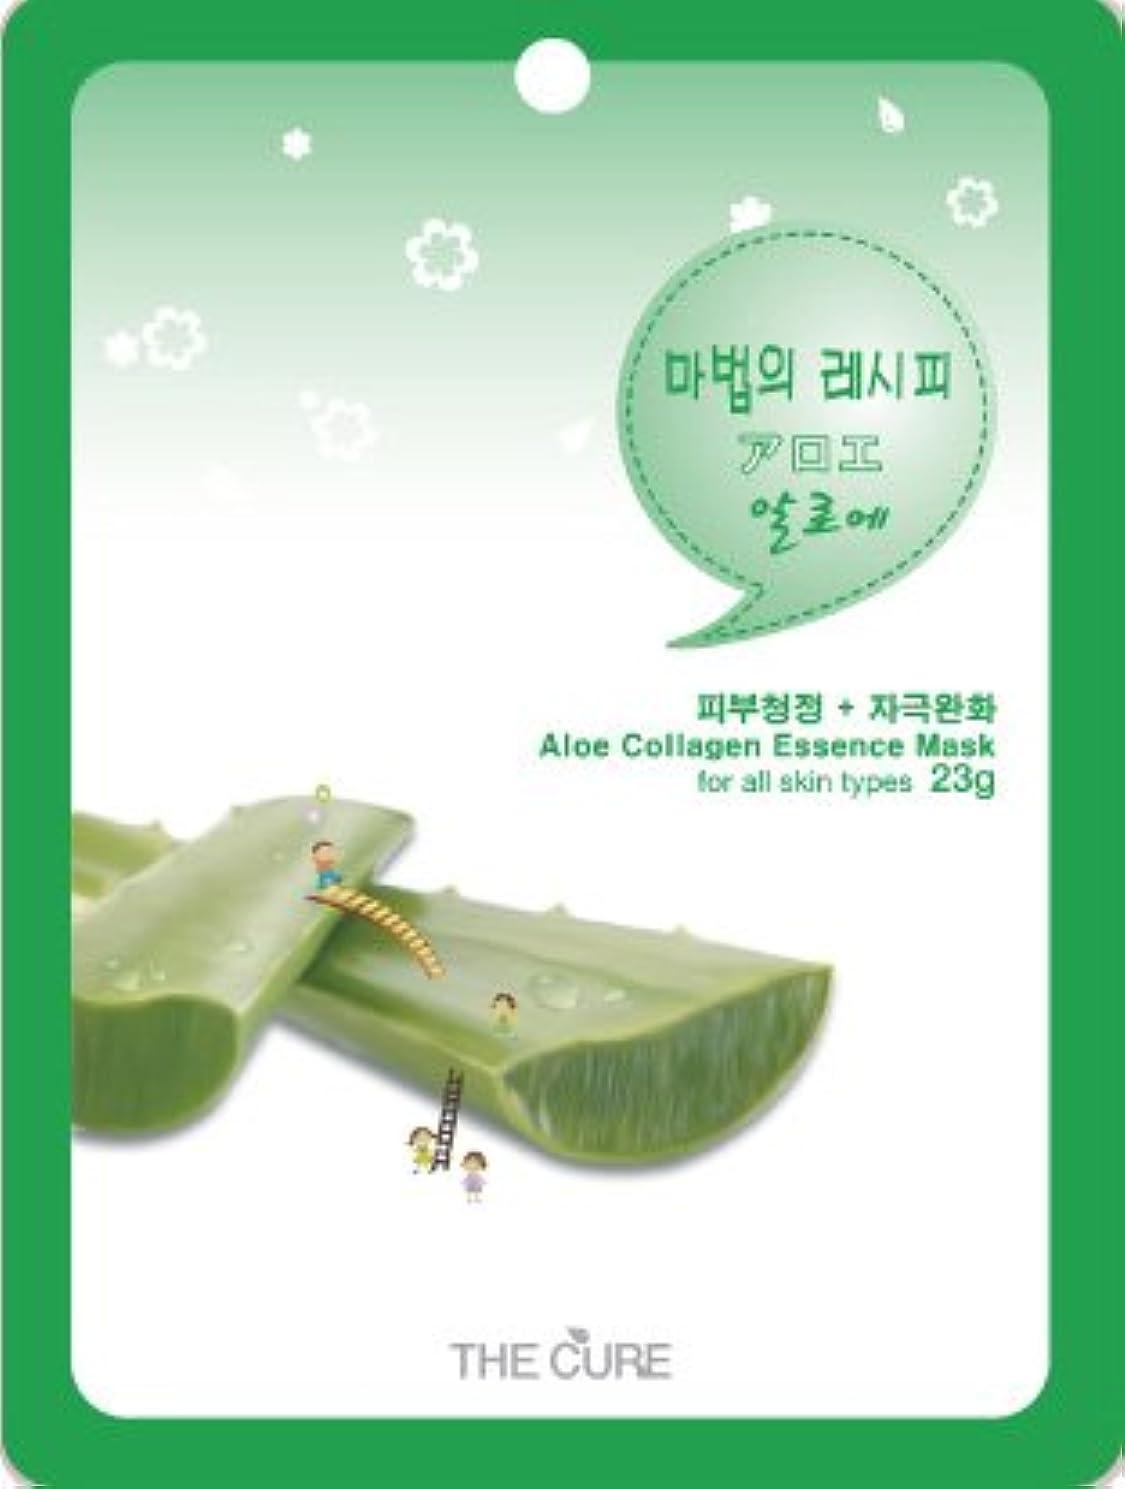 アロエ コラーゲン エッセンス マスク THE CURE シート パック 10枚セット 韓国 コスメ 乾燥肌 オイリー肌 混合肌